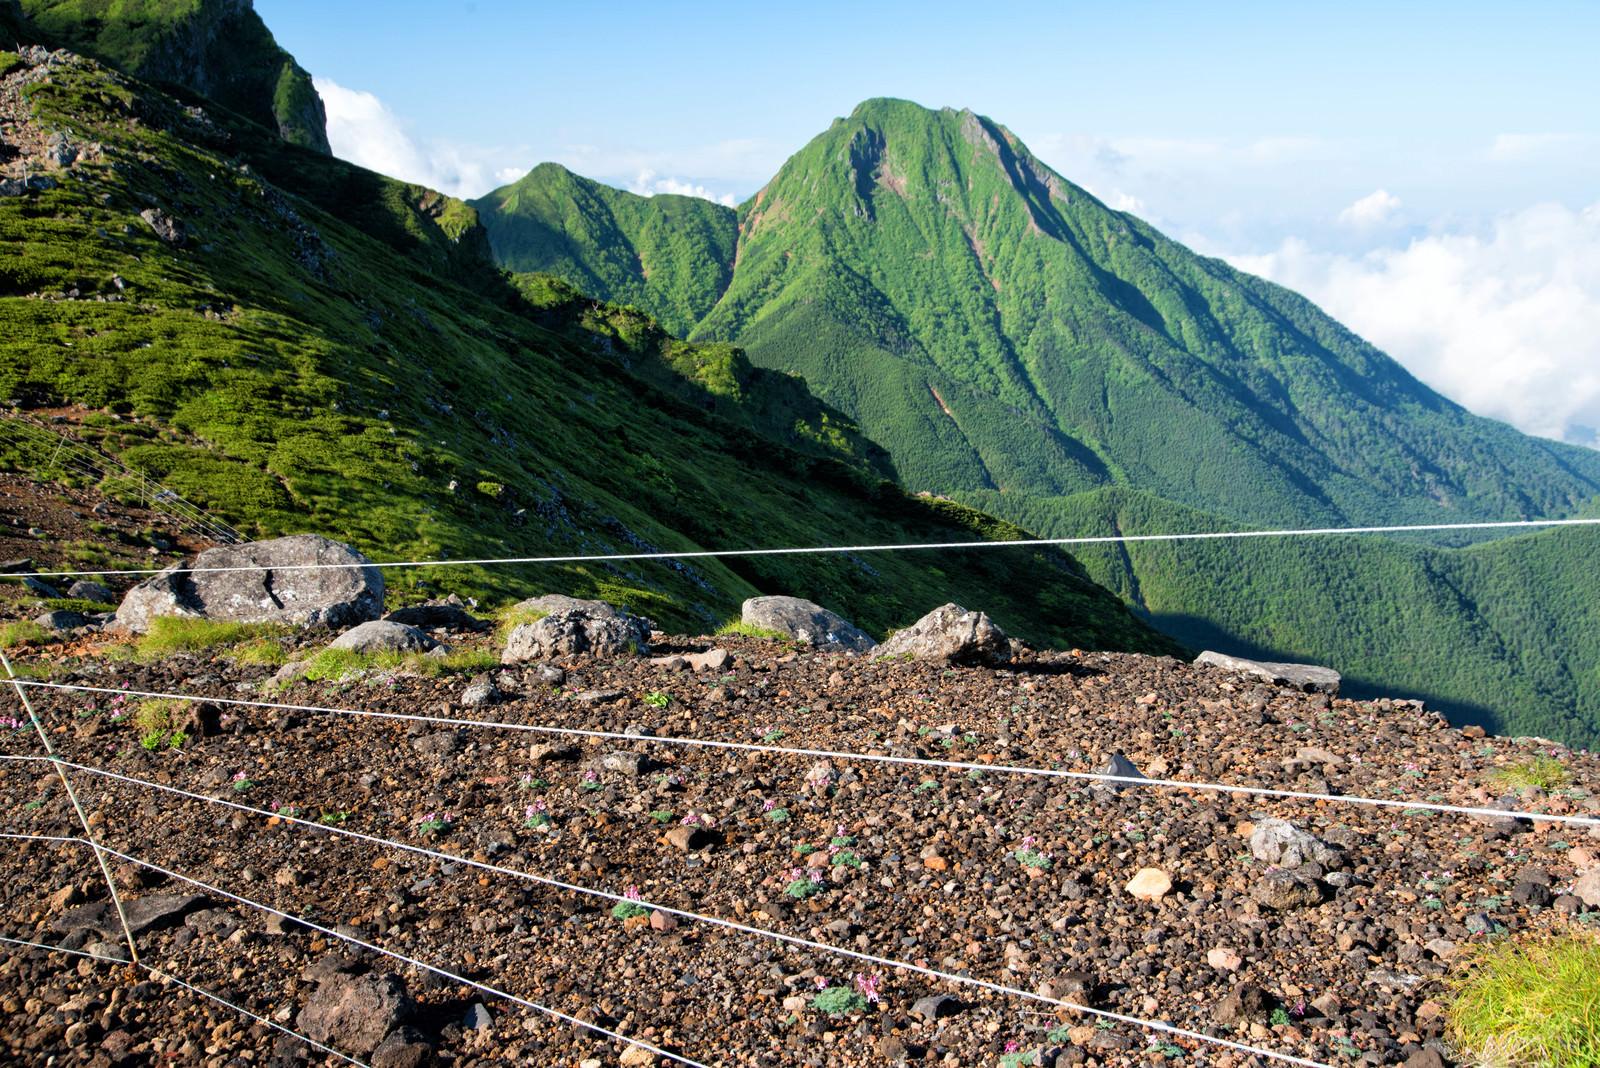 「コマクサの群生を守る電気柵と阿弥陀岳(八ヶ岳)」の写真